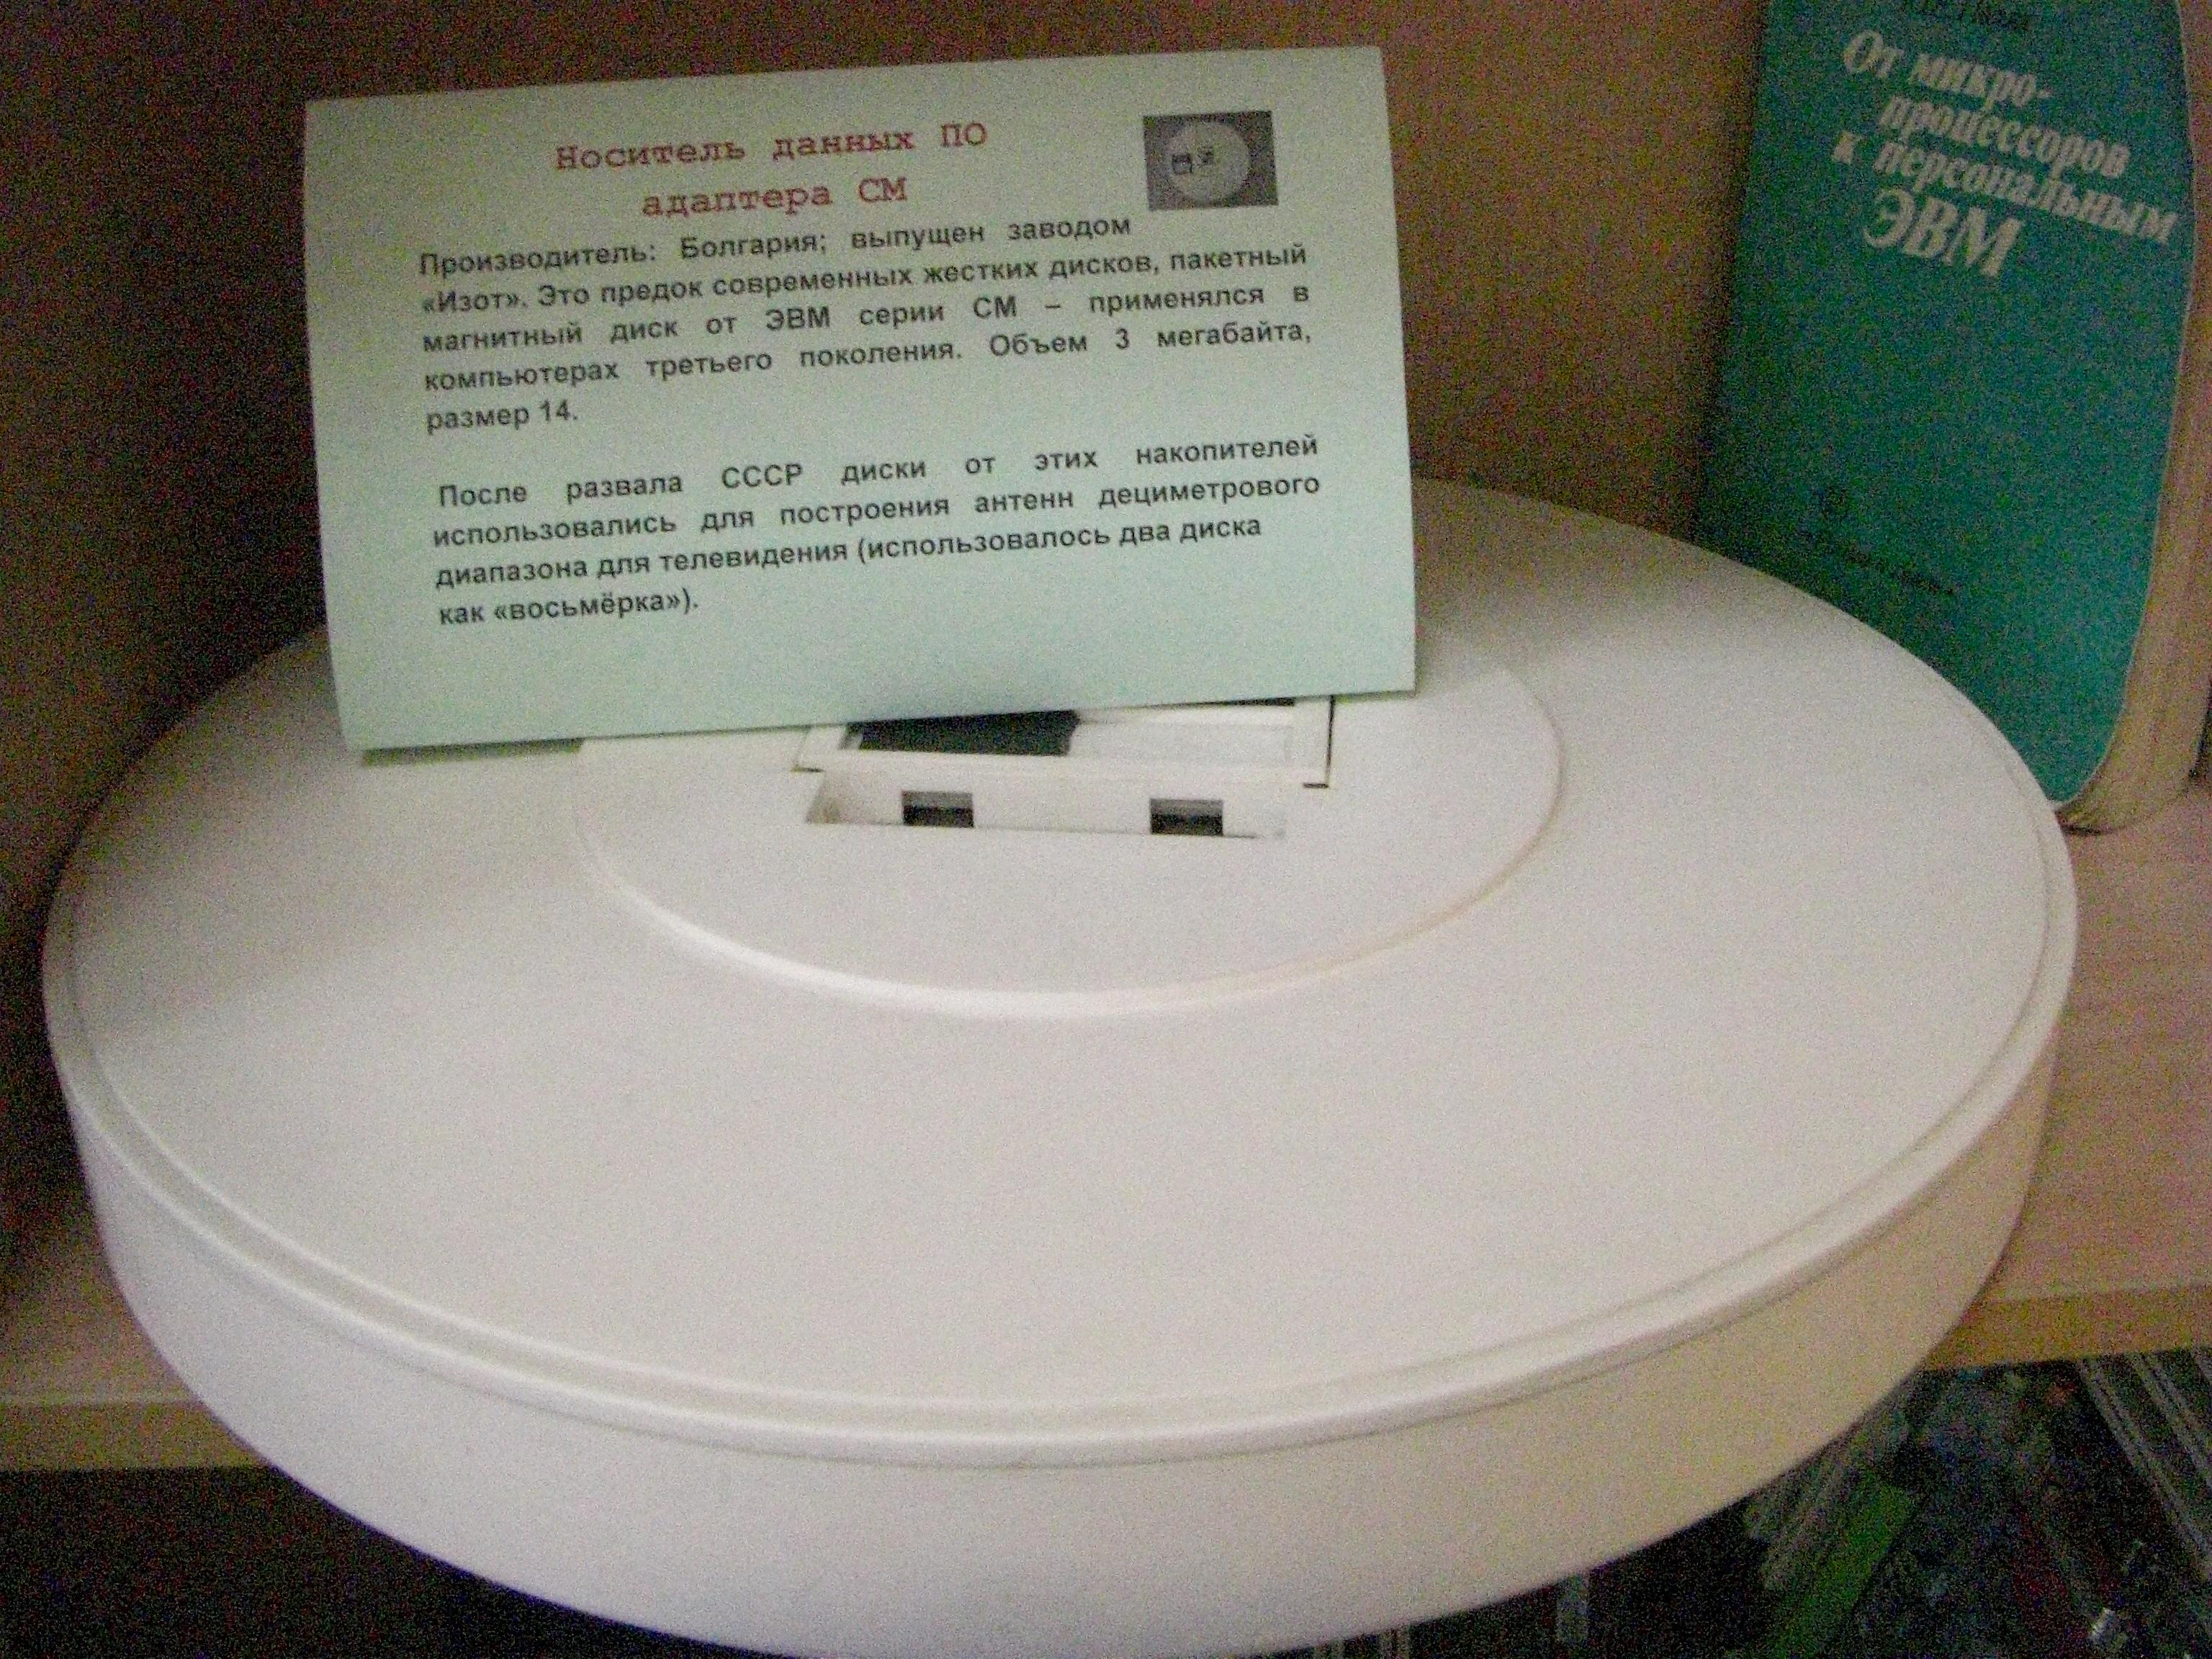 Жесткий диск ИЗОТ СССР